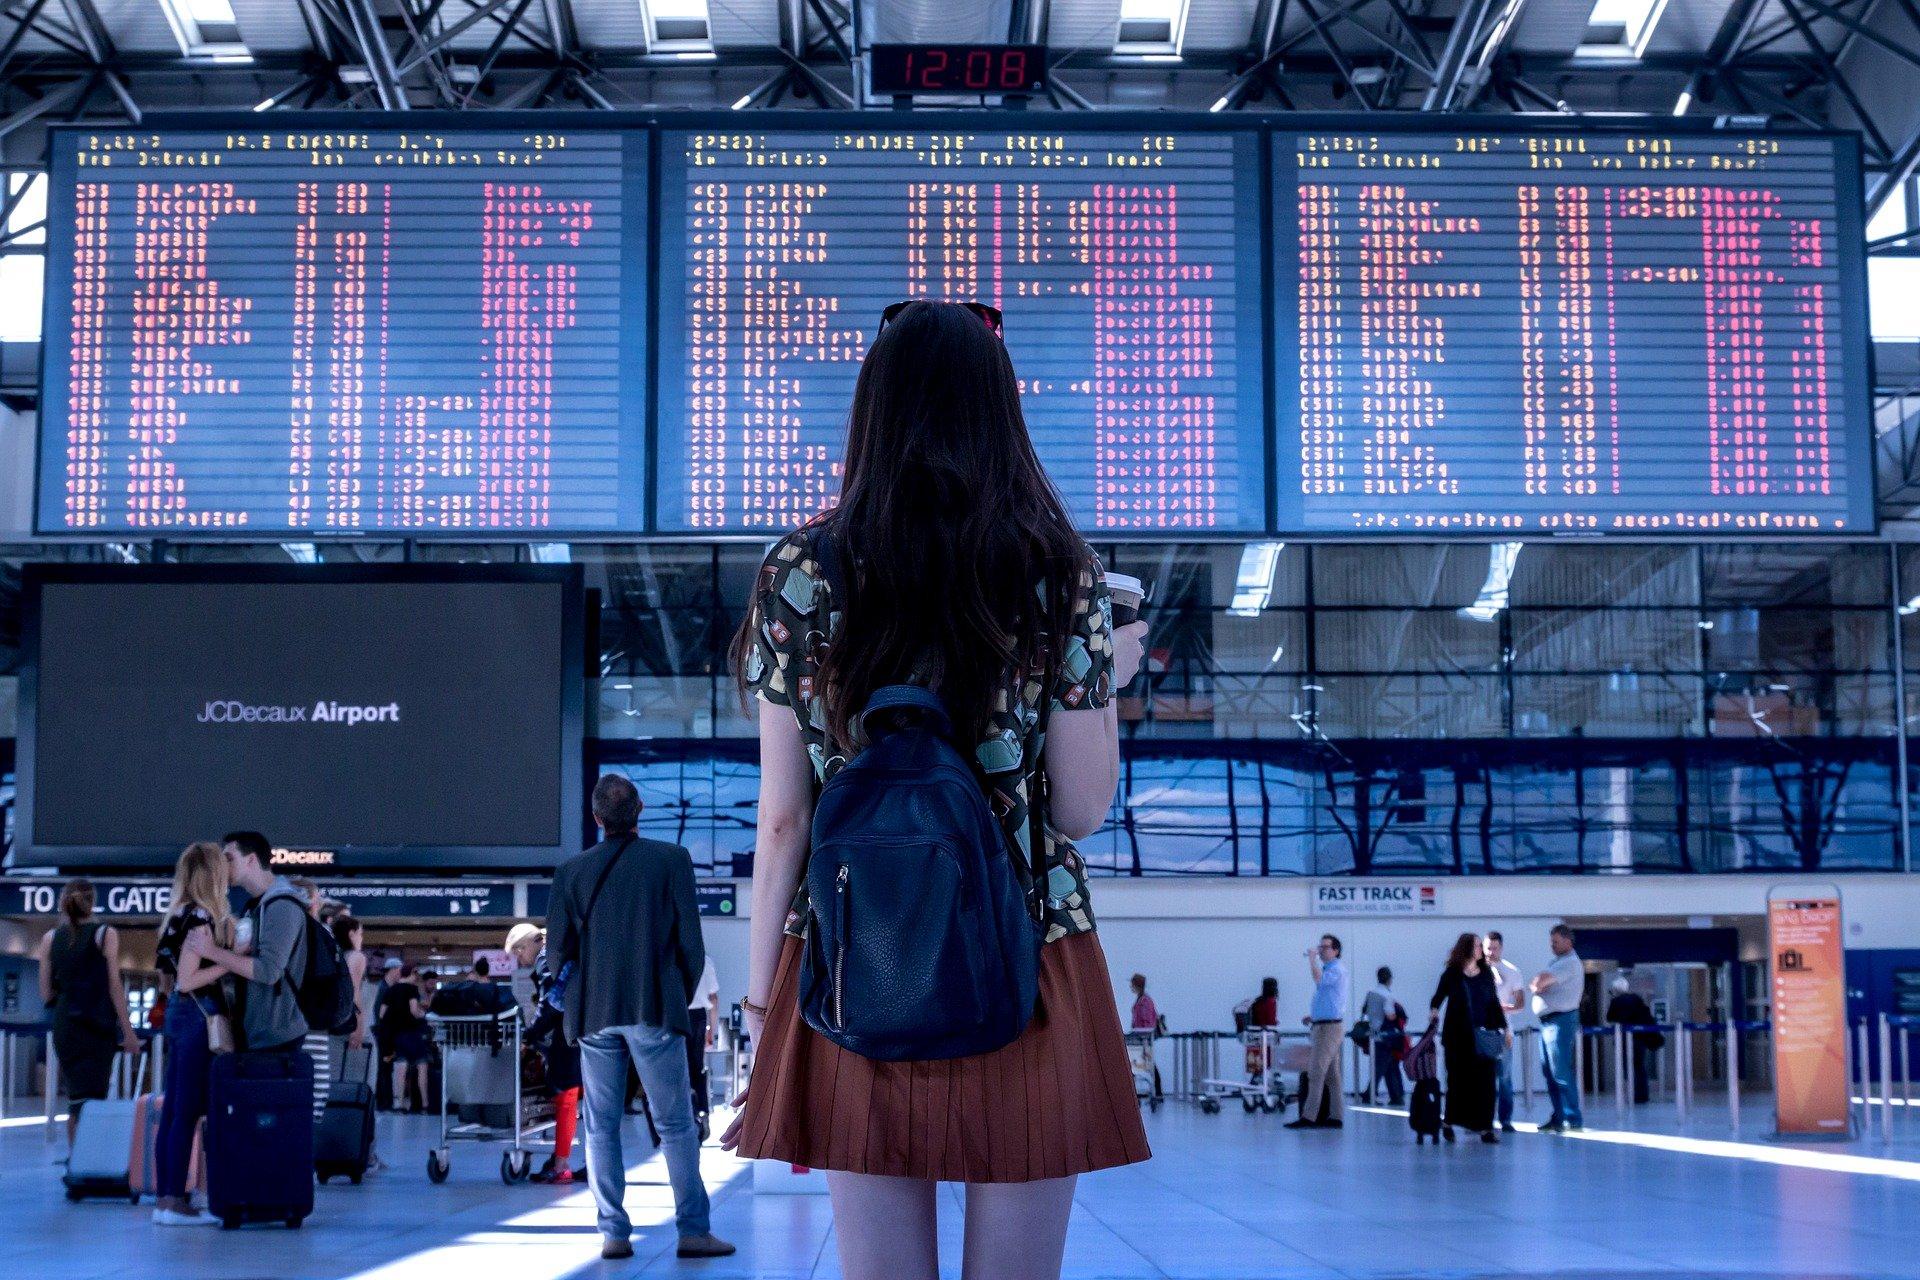 Une femme attendant son vol